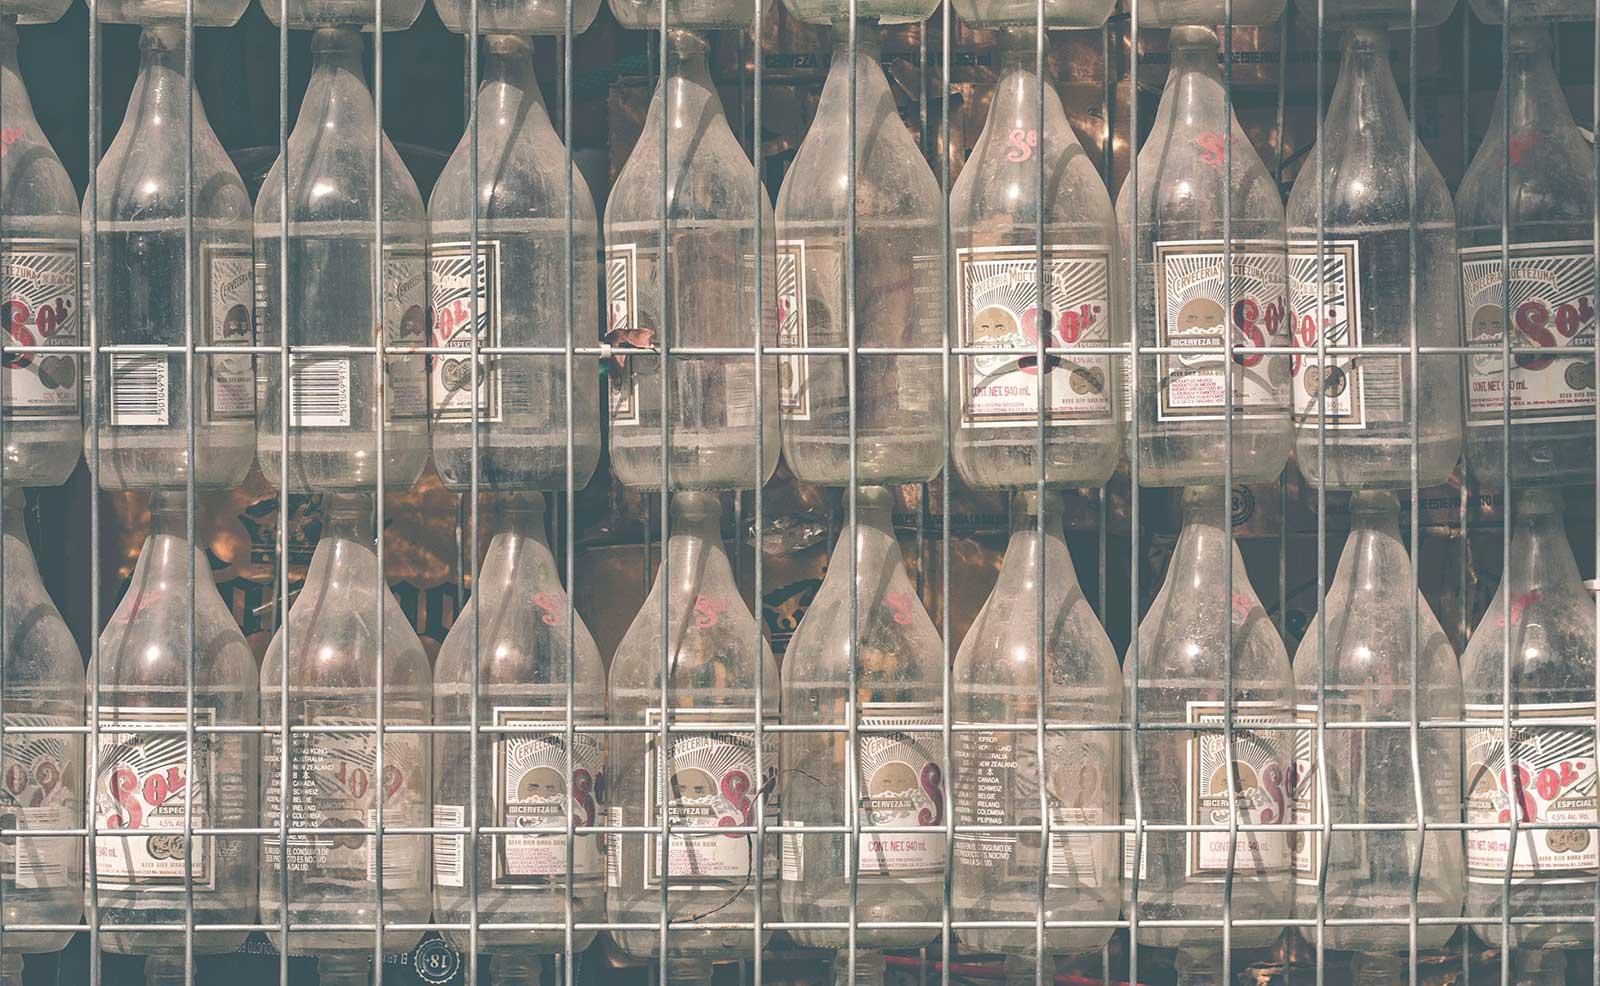 dreckige Flaschen